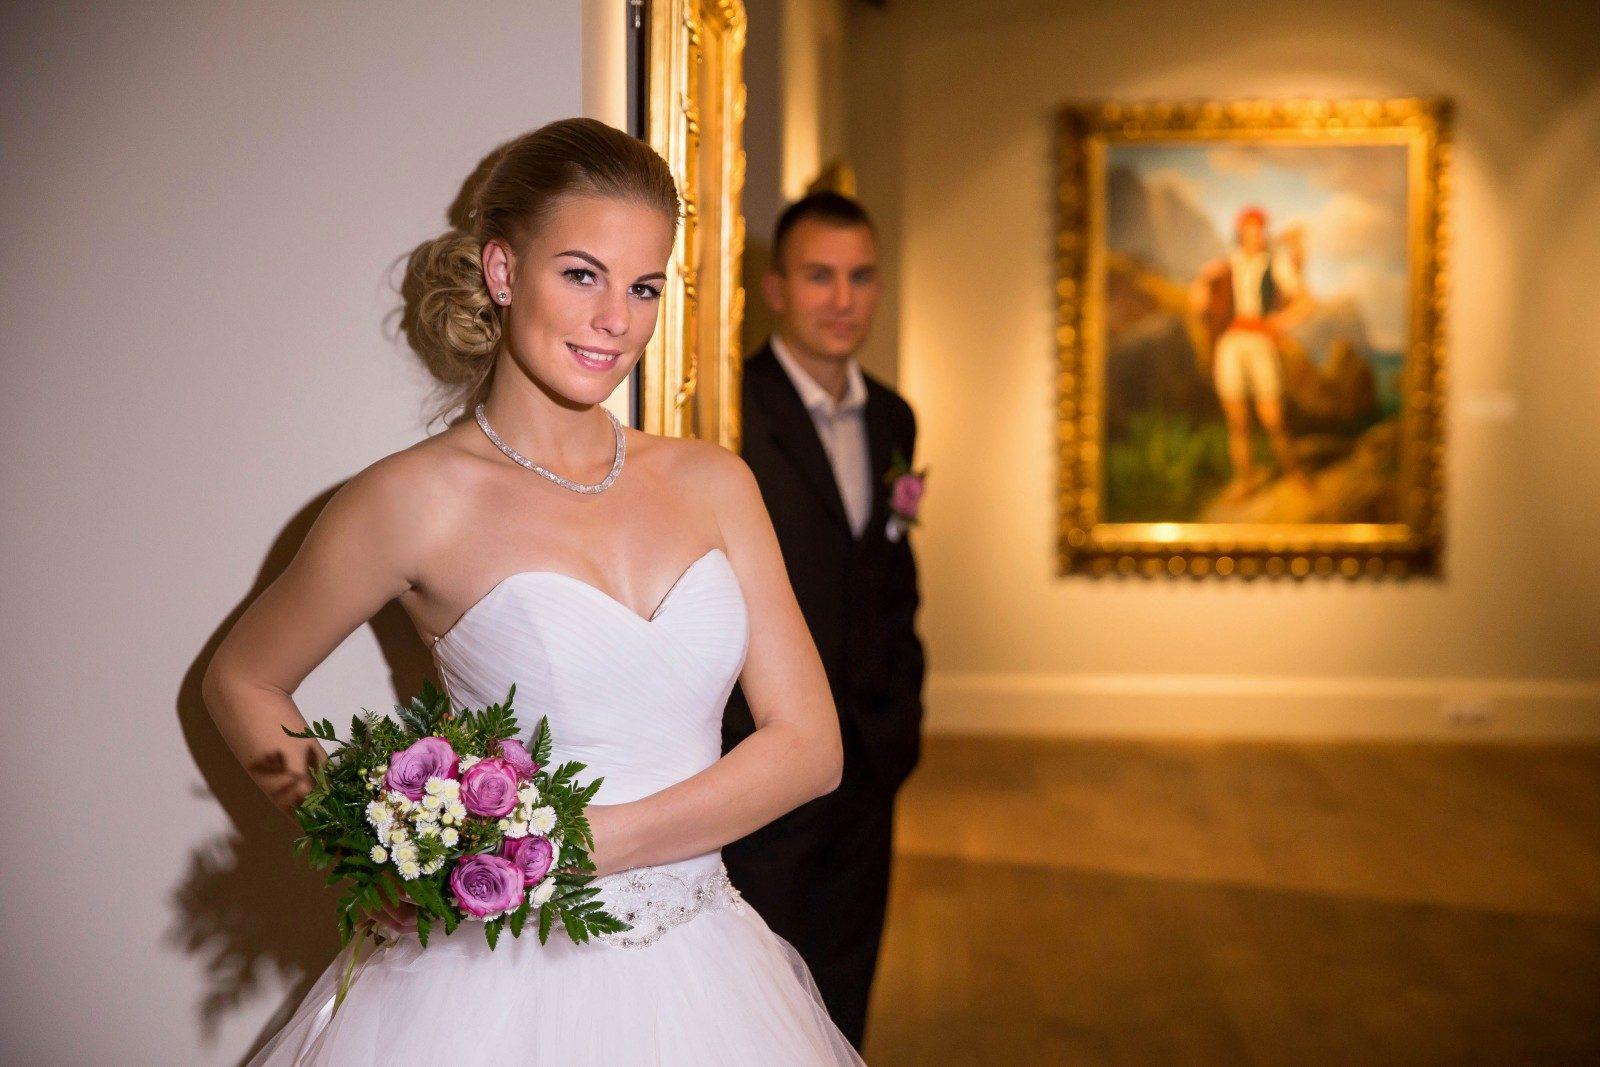 img_8770-4-esküvőfotózás-Veszprém-Balaton-Balatonfüred-Tihany környéke